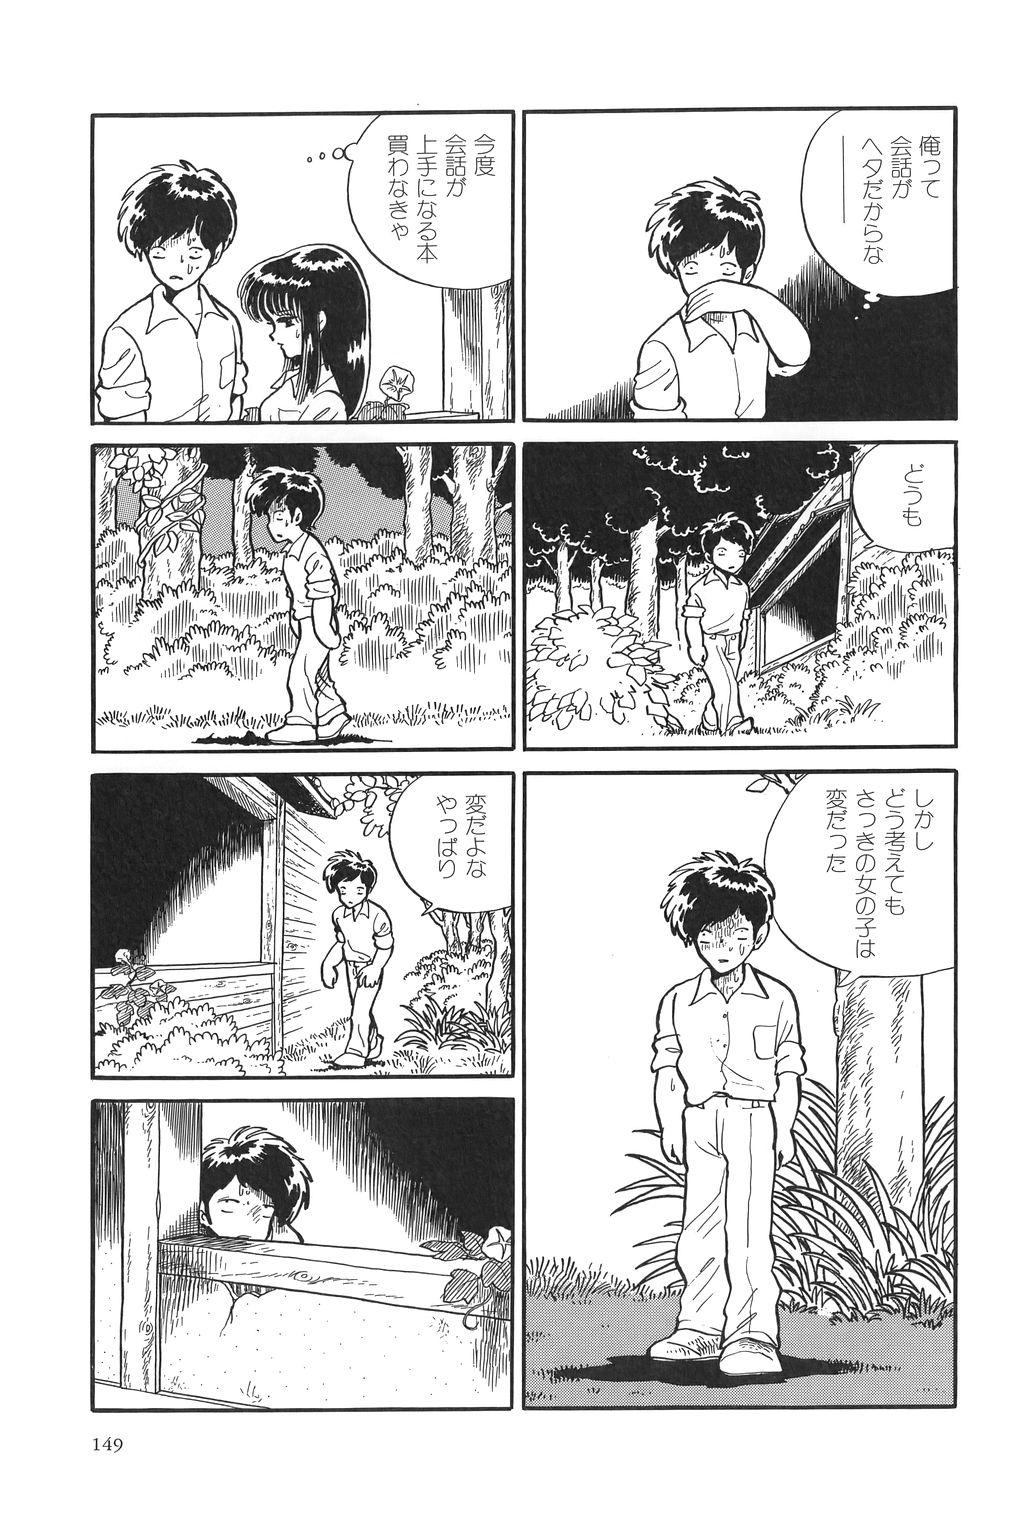 Azuma Hideo Sakuhin Shuusei - Yoru no Tobari no Naka de 151